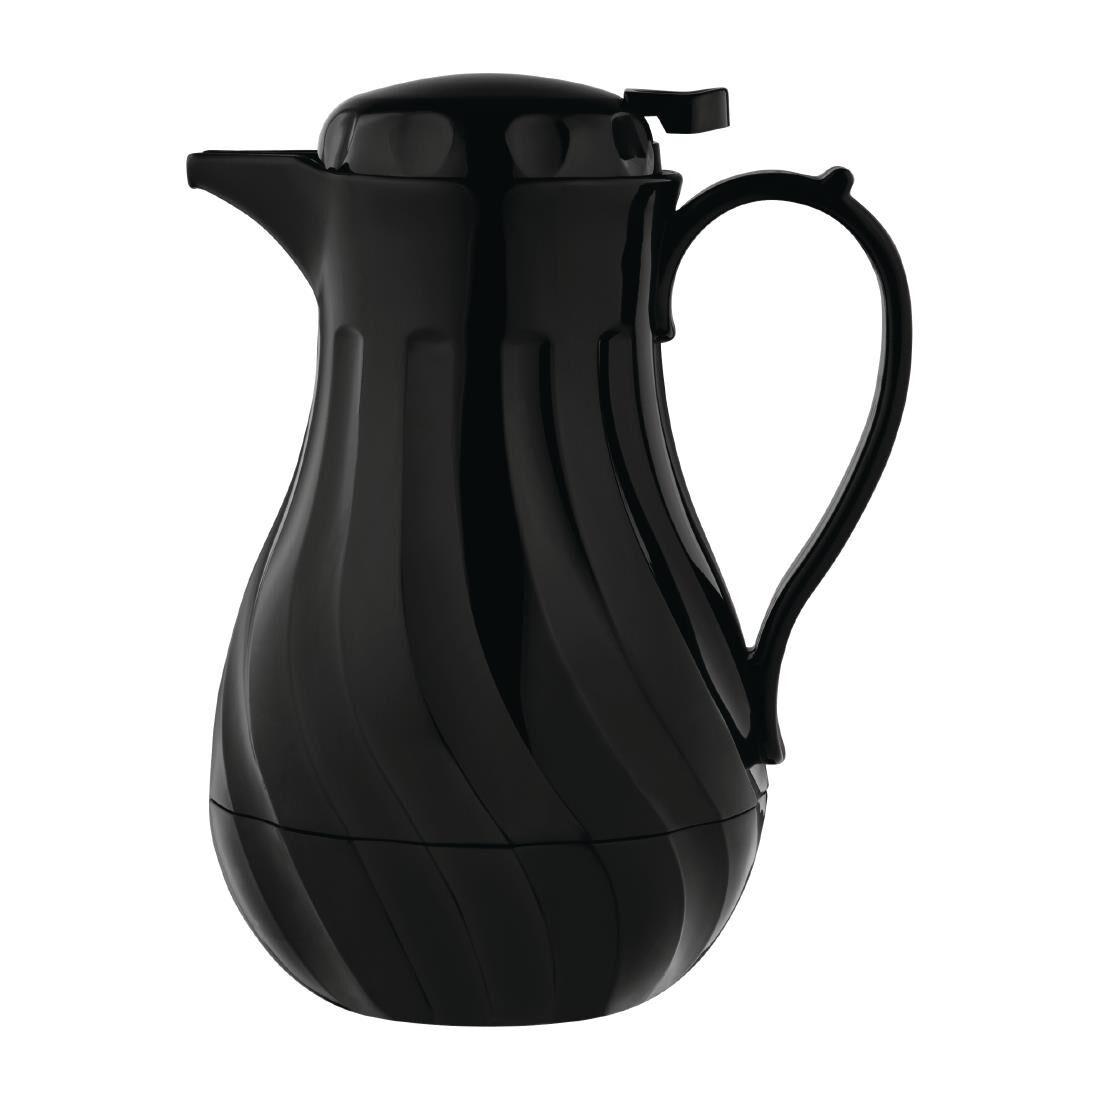 Olympia Pichet Isotherme Torsadé Noir 2 Litres Ø182x(H)284mm